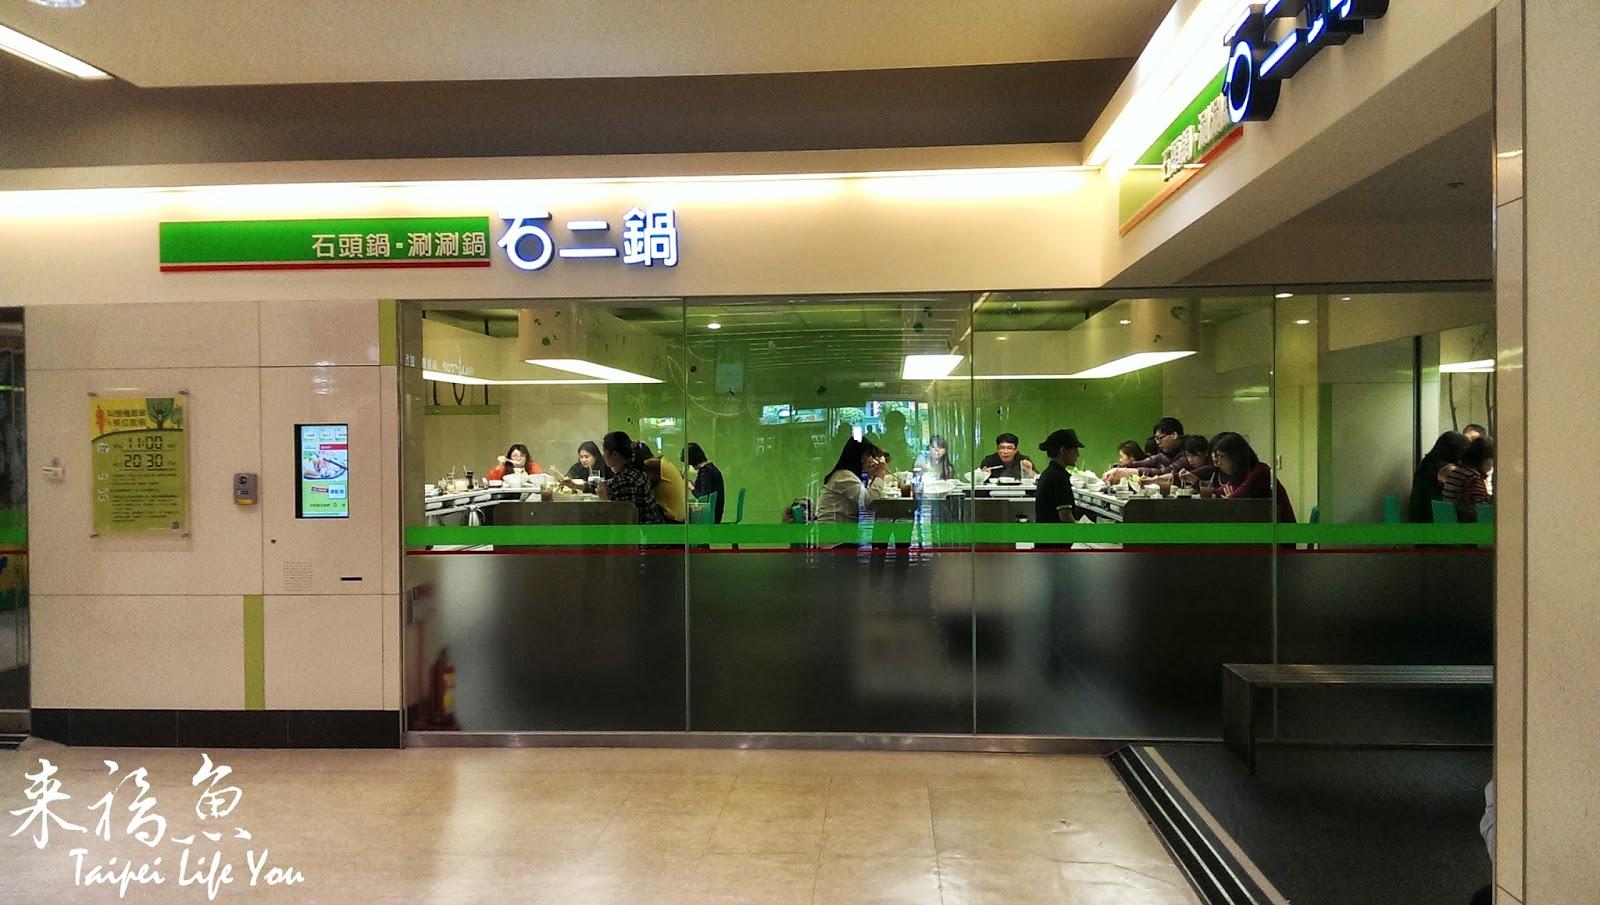 [火鍋][先嗇宮站]石二鍋(三重家樂福重新店) - 臺北來福魚